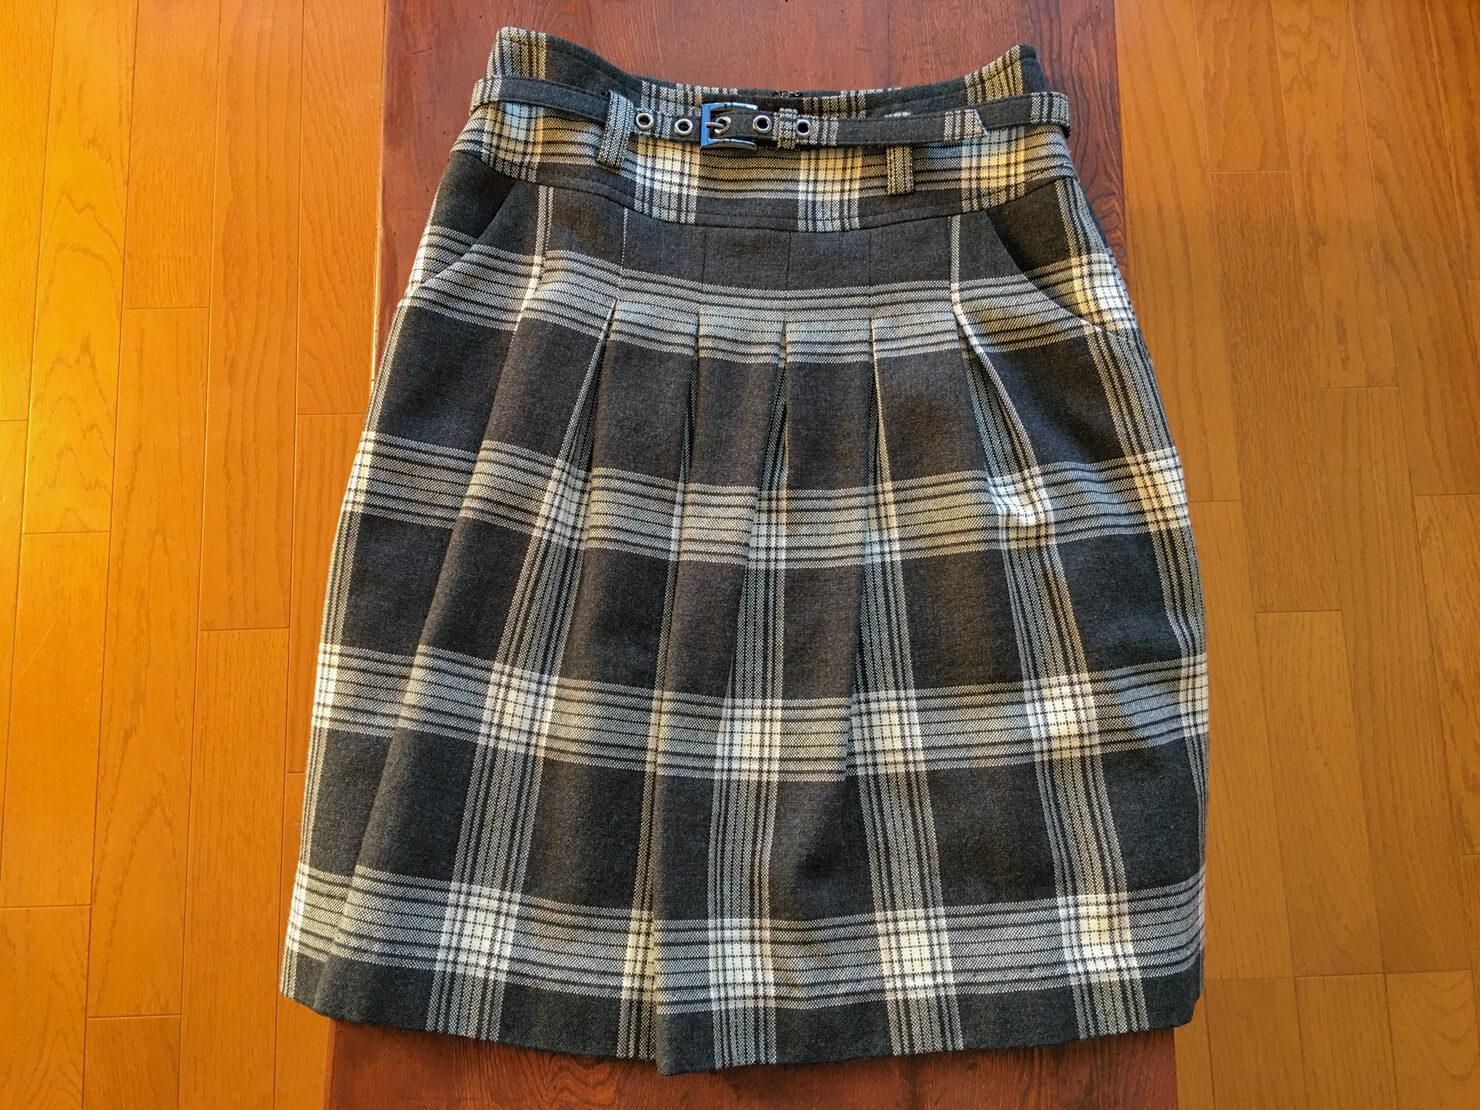 マイケル・コースのスカートの写真